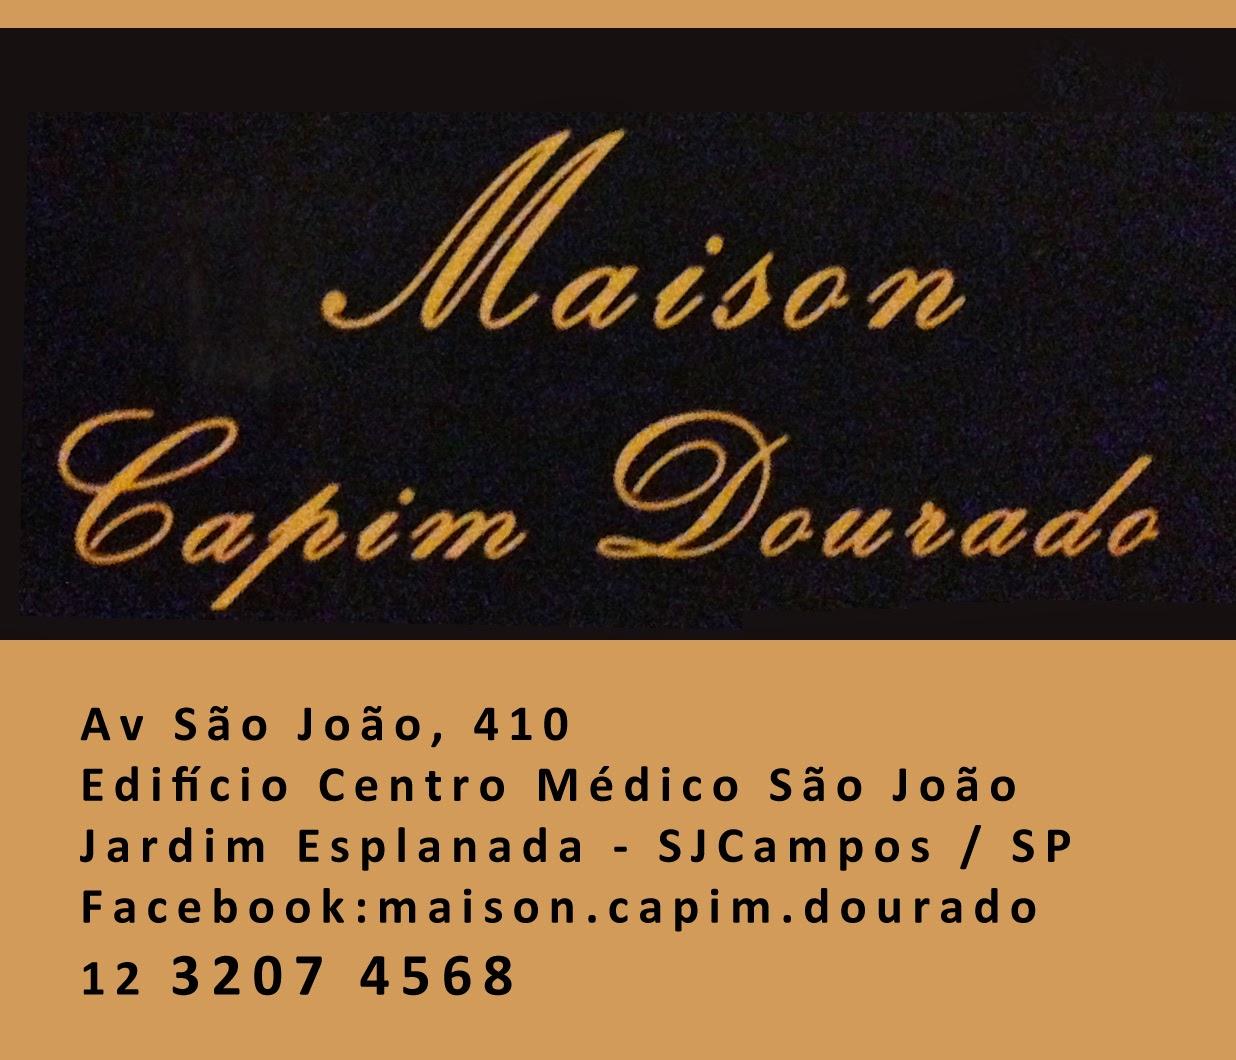 https://www.facebook.com/maison.capim.dourado?fref=ts